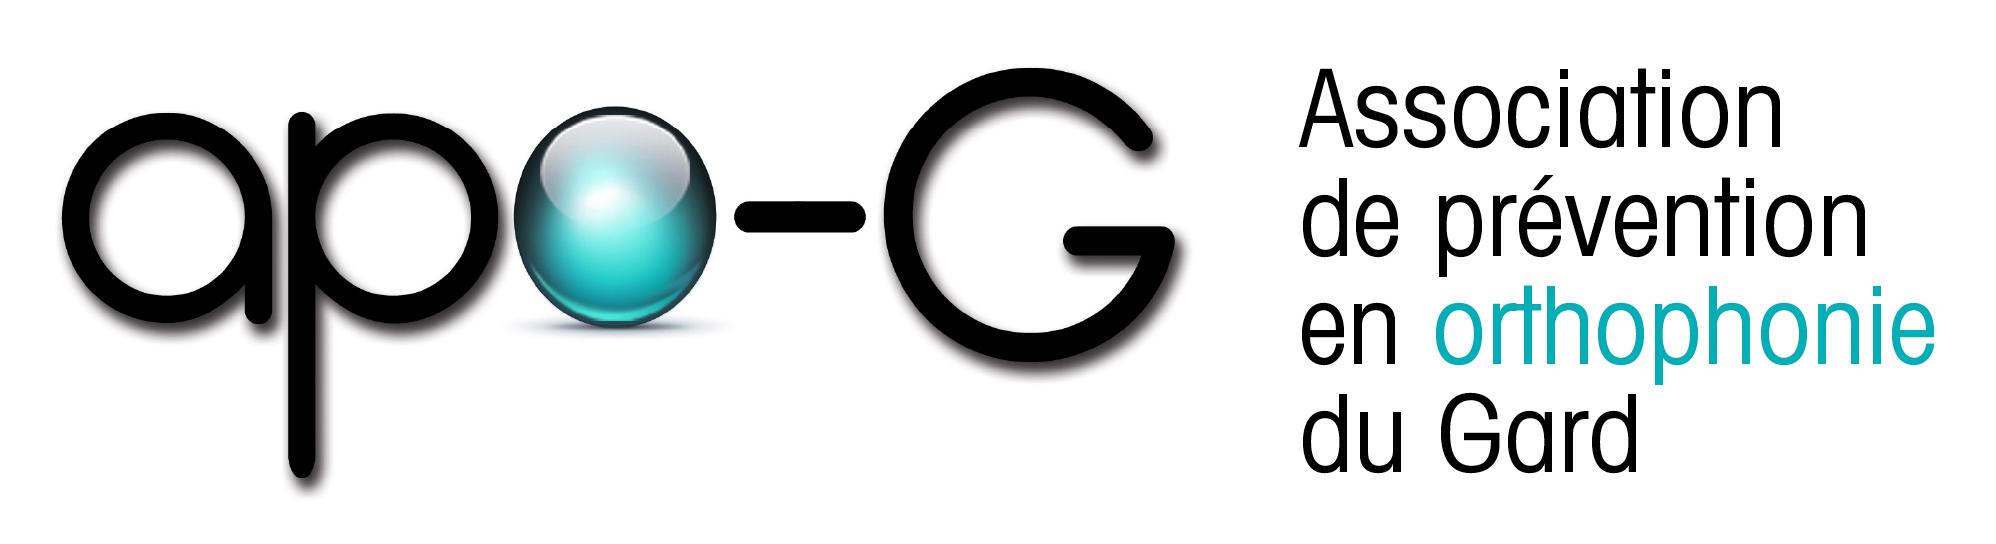 logo-portable